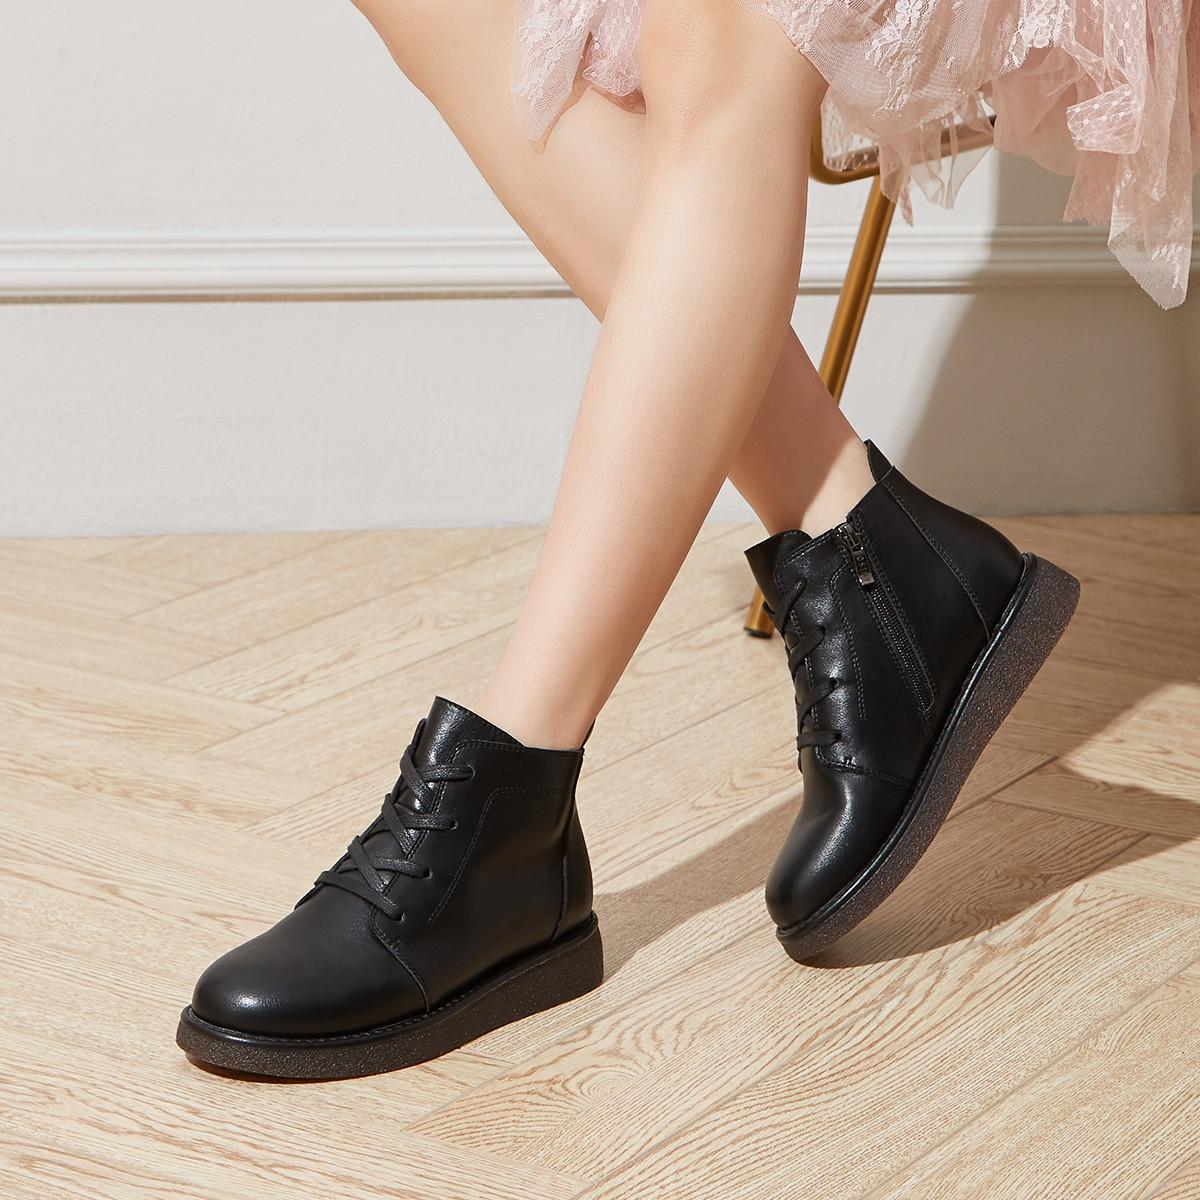 卓诗尼2019秋季新款女士靴子侧拉链系带保暖短毛绒低跟复古软底短靴14691011501